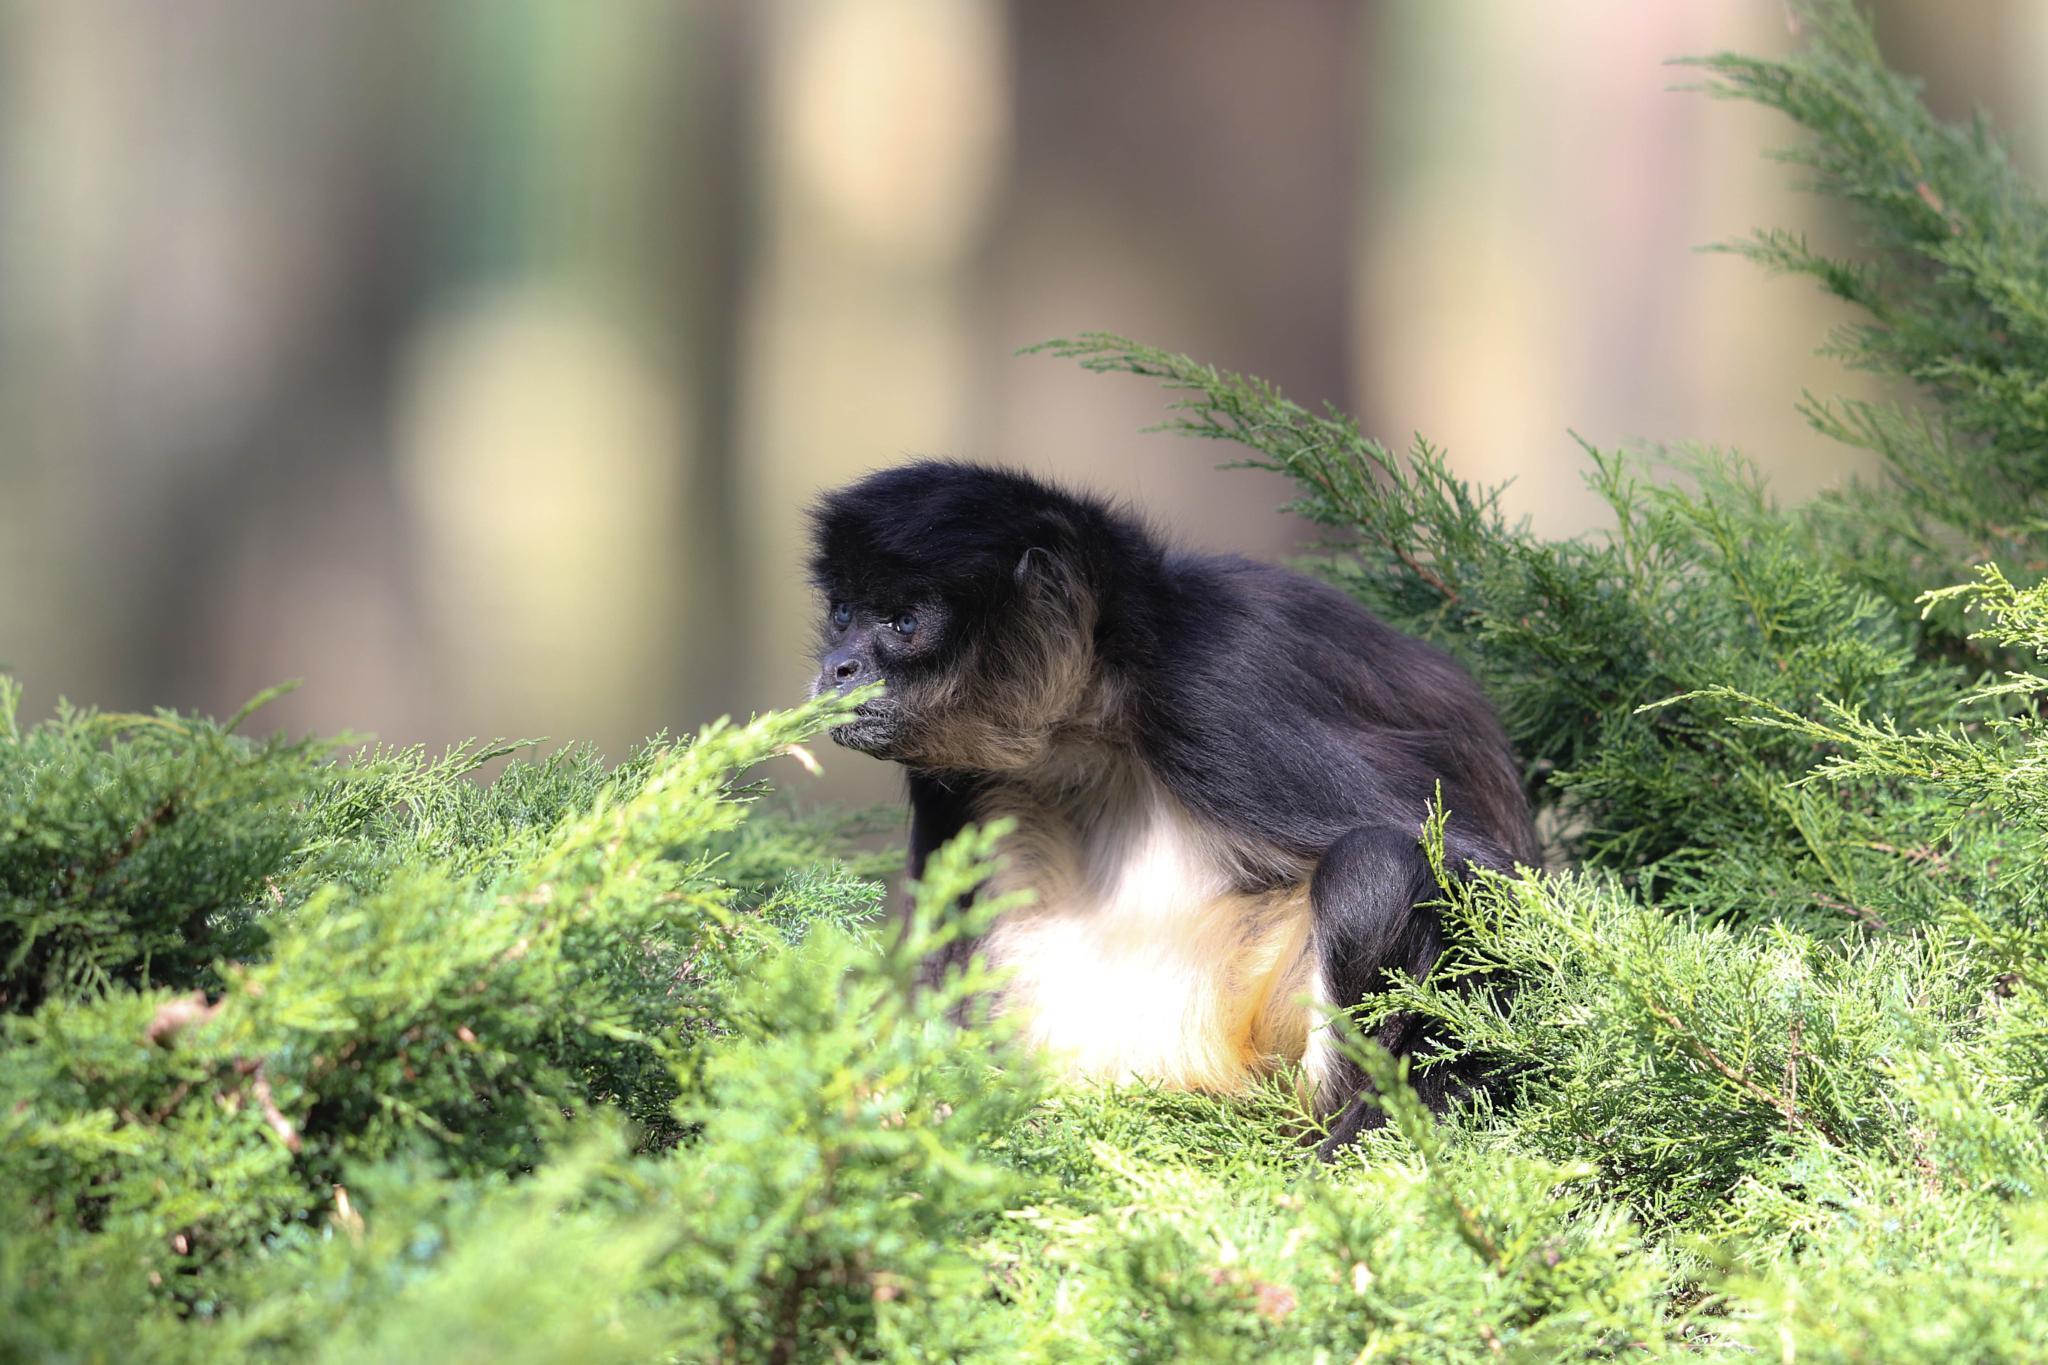 gibbon by emmanuel liegeois